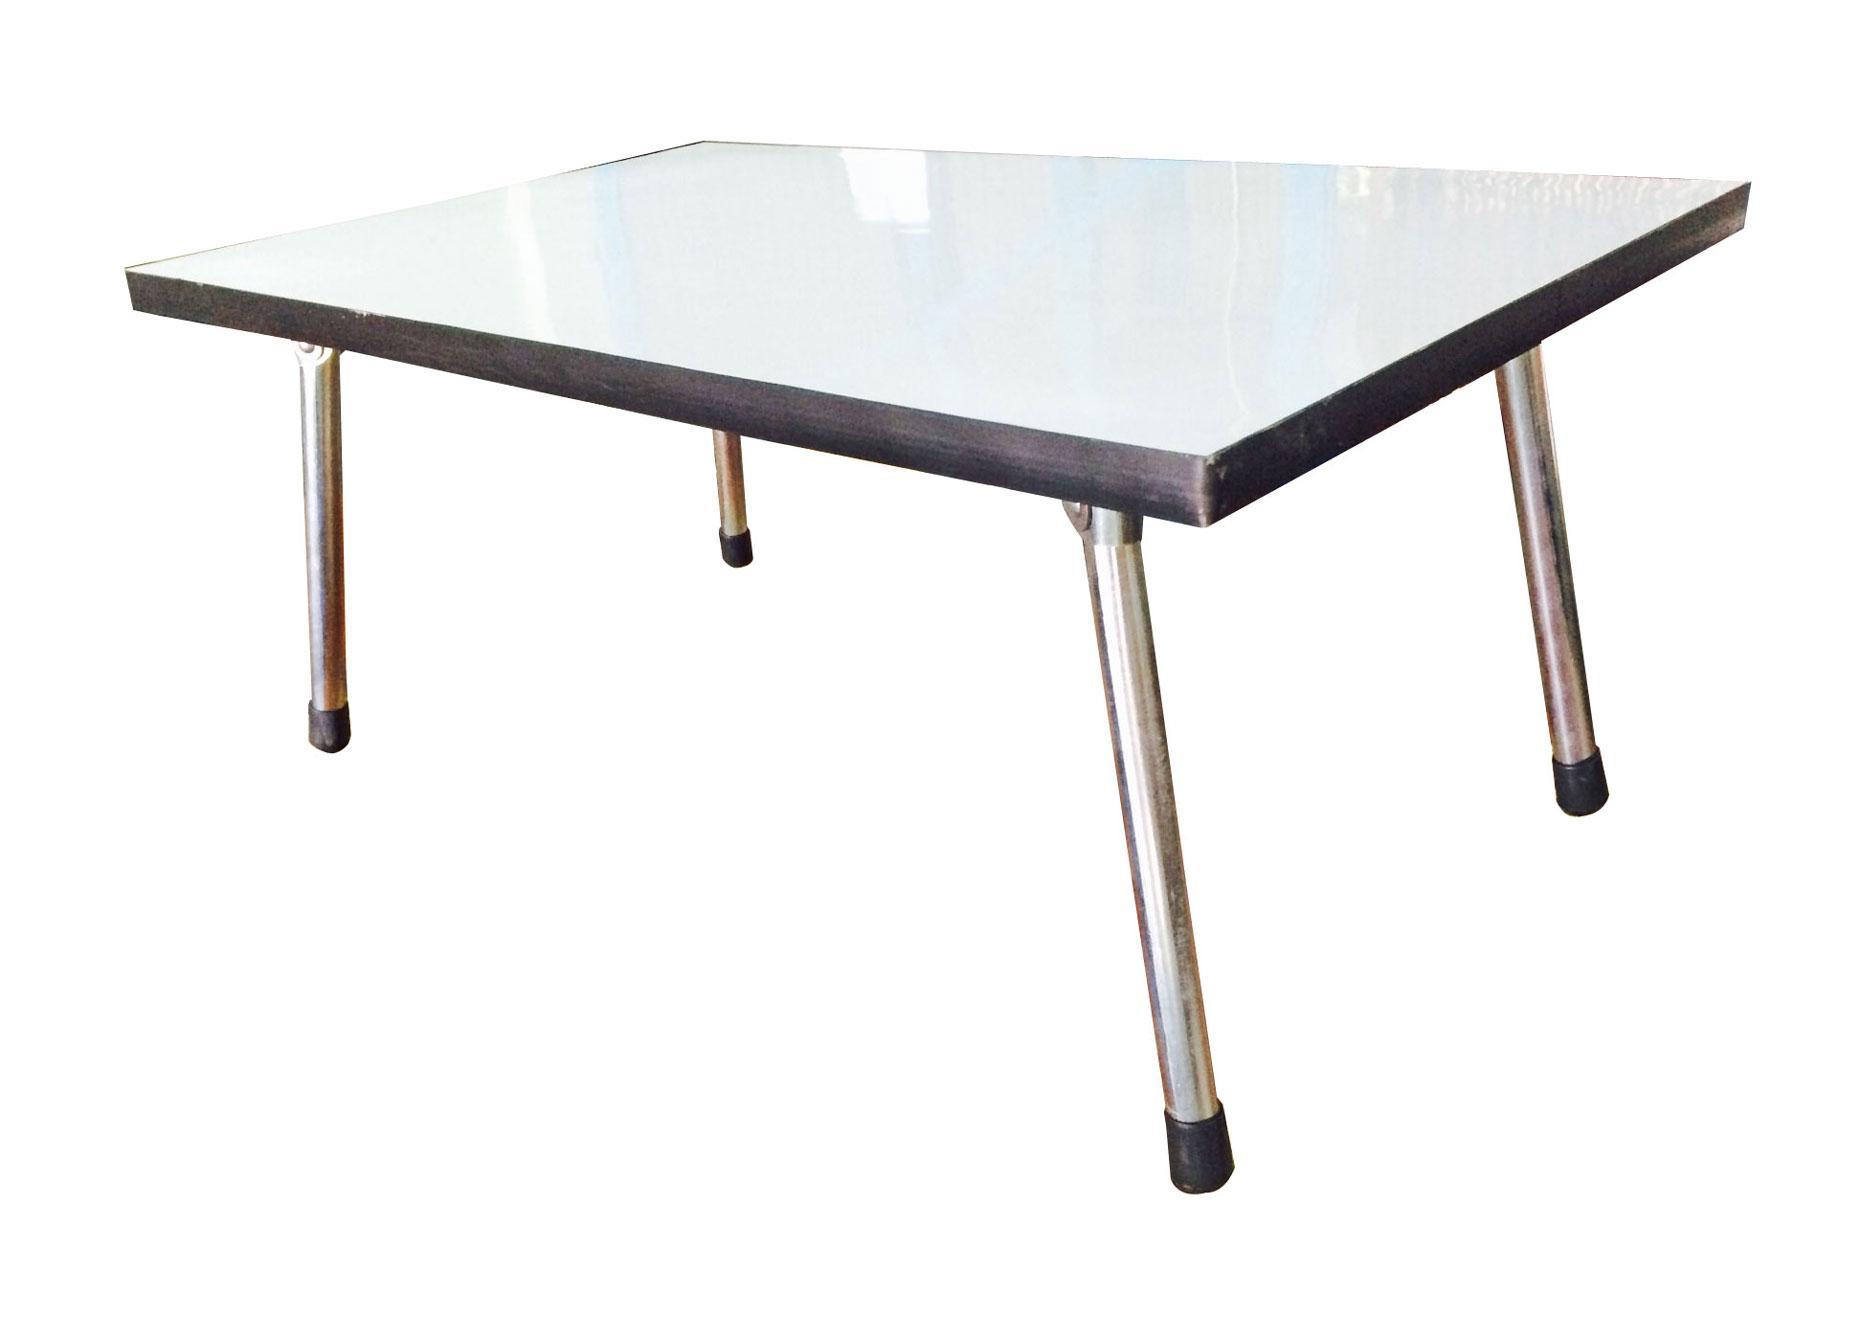 โต๊ะญี่ปุ่น สี่เหลียมผืนผ้า 76 ซม. หน้าโฟเมกา